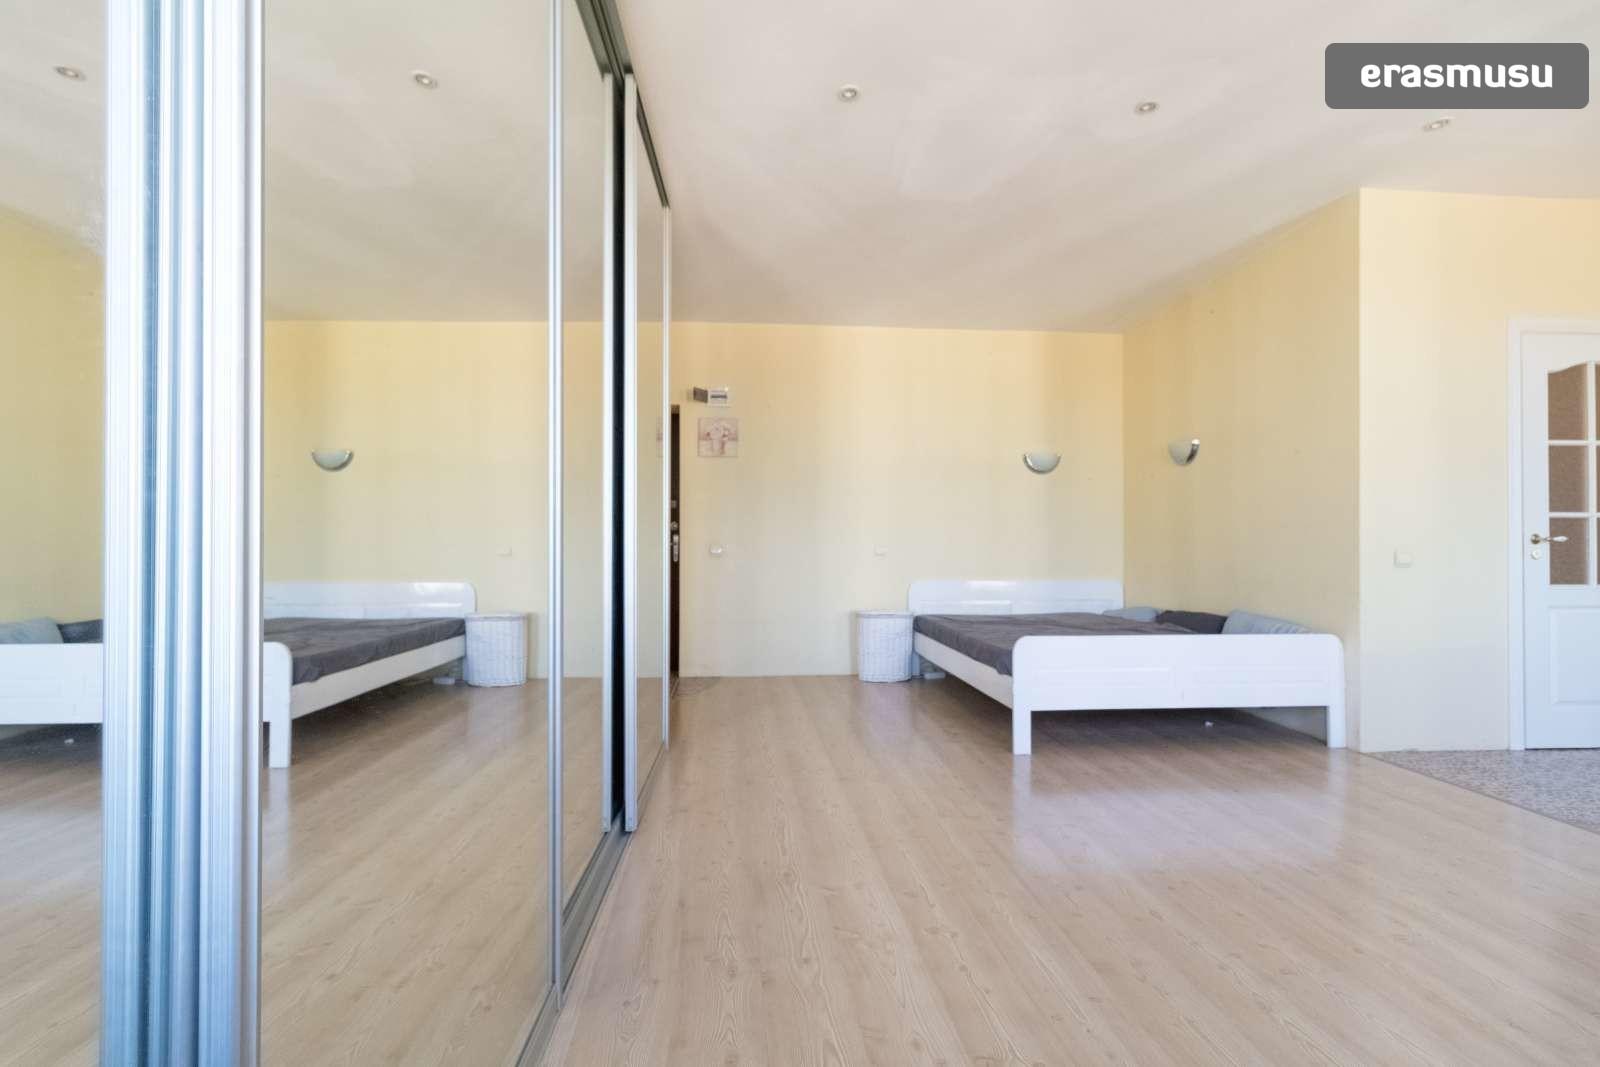 bright-studio-apartment-rent-centrs-ad1d7b0c62ccf7331672764ca5b1